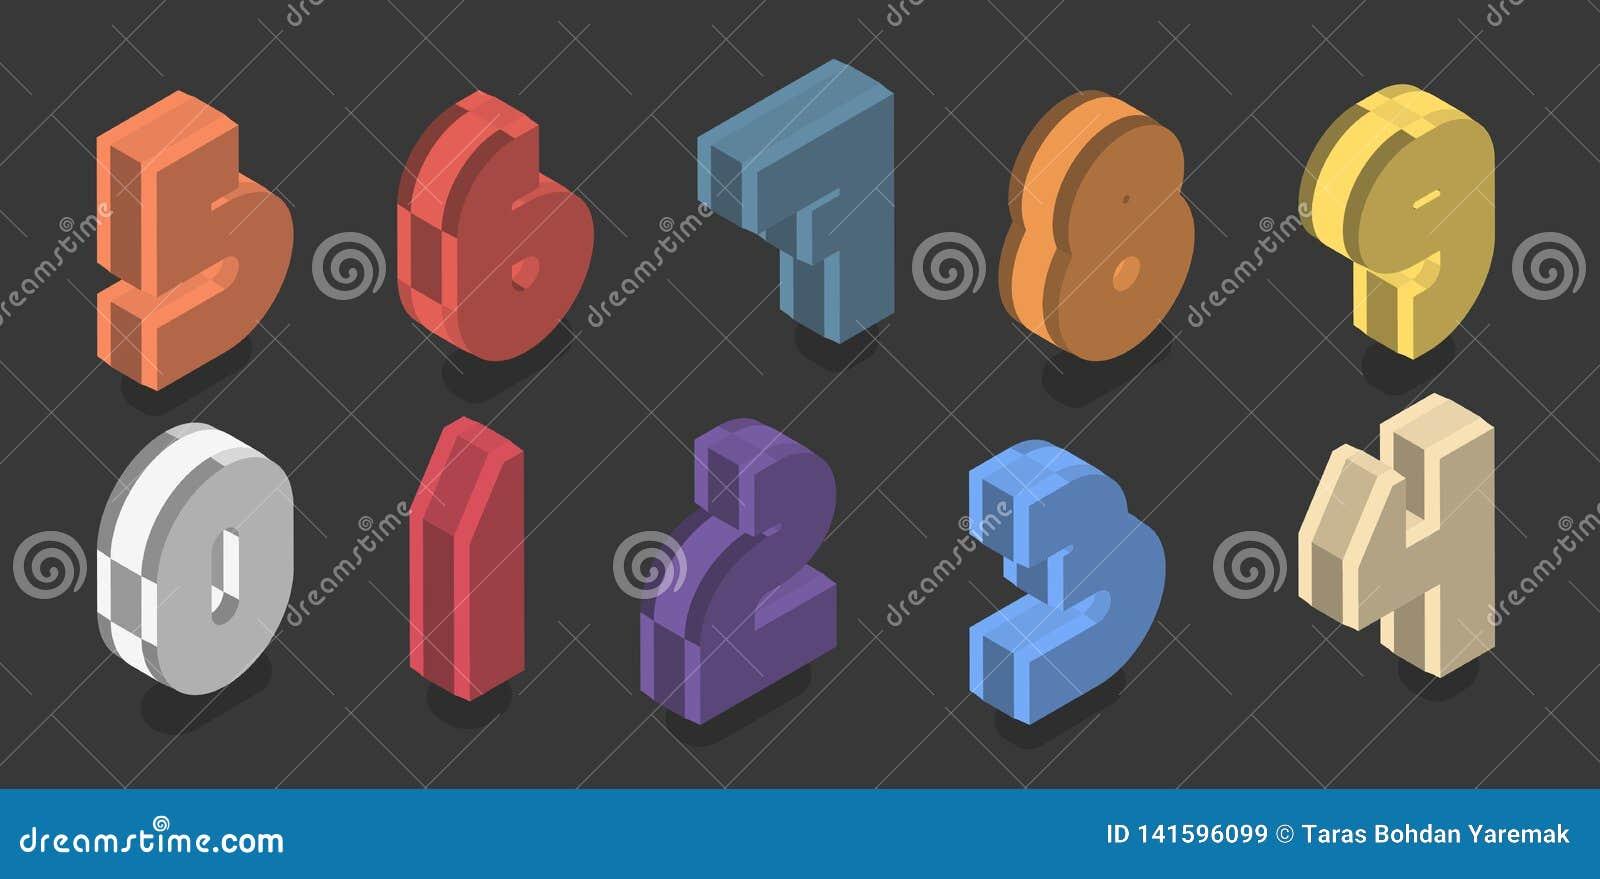 Σύνολο δέκα isometric αριθμών από μηδέν έως εννέα Διανυσματικό τρισδιάστατο πλαστικό σχέδιο αριθμού